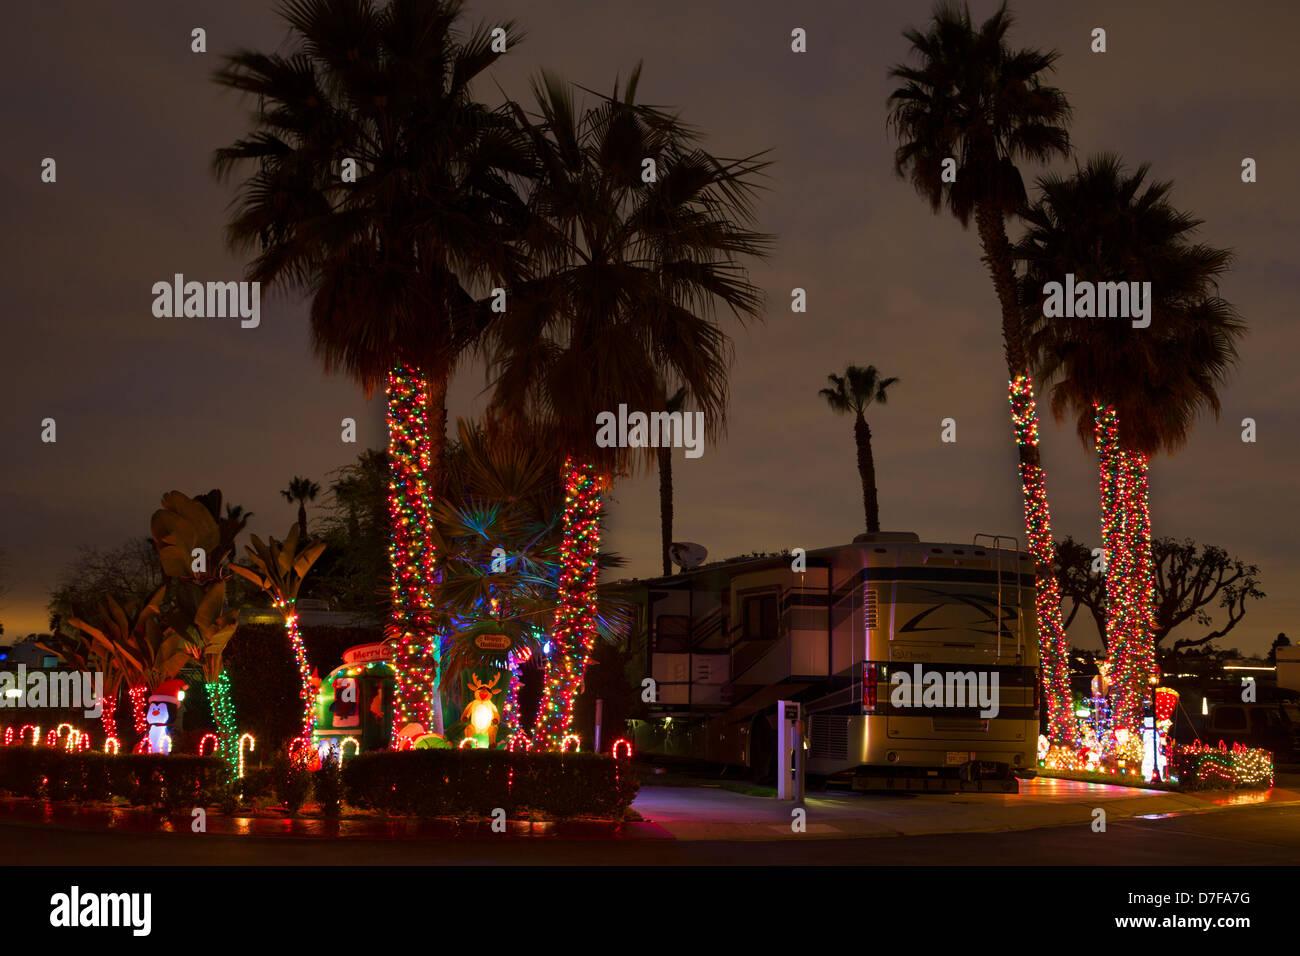 Christmas lights in Newport Dune RV Resort, Newport Beach, Orange County, California. - Stock Image